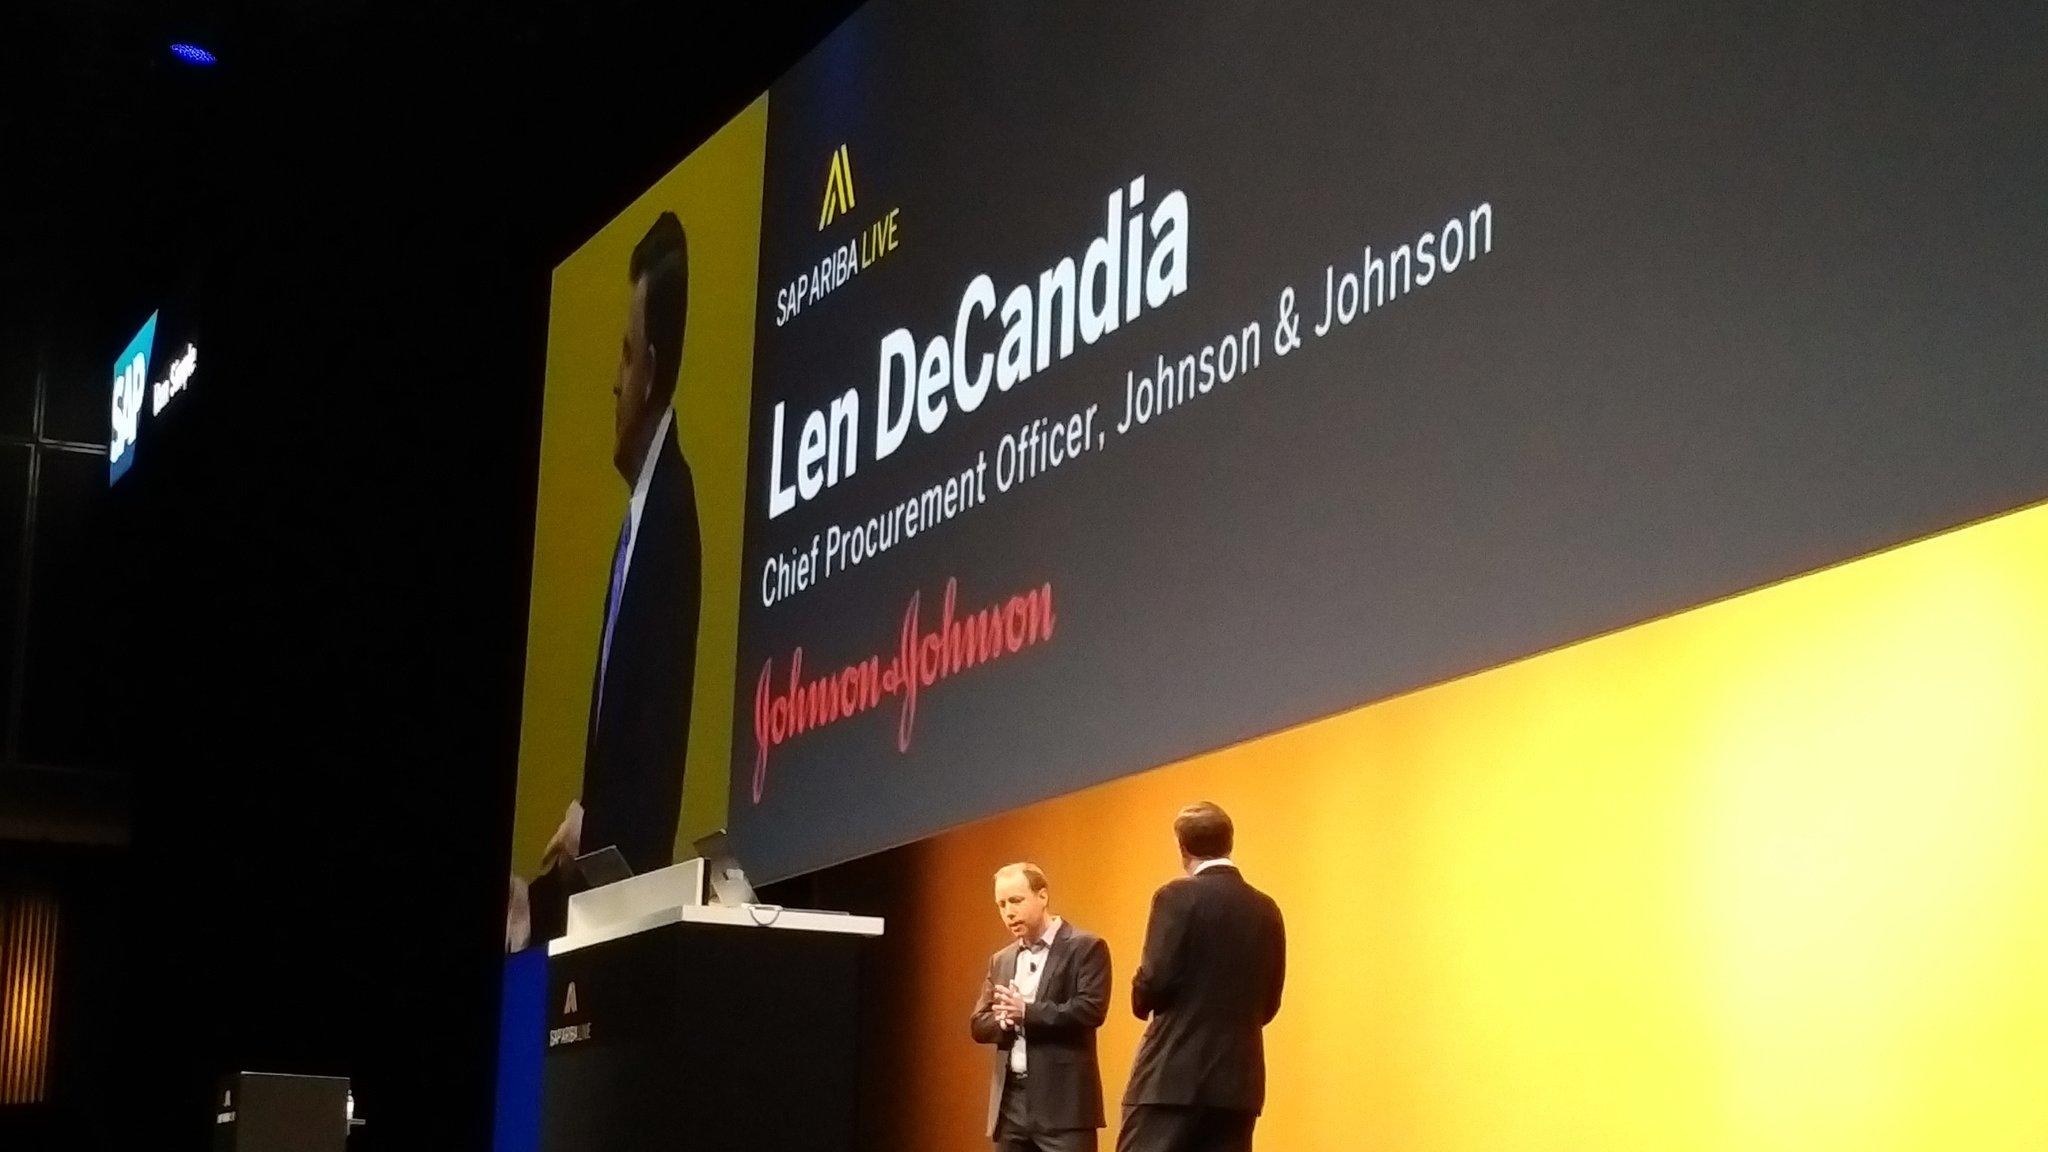 Next up -  DeCandia - @JNJNews @JNJInnovation on what they do with @SAPAriba #SAPARIBALIVE https://t.co/gW1sJvmjIJ